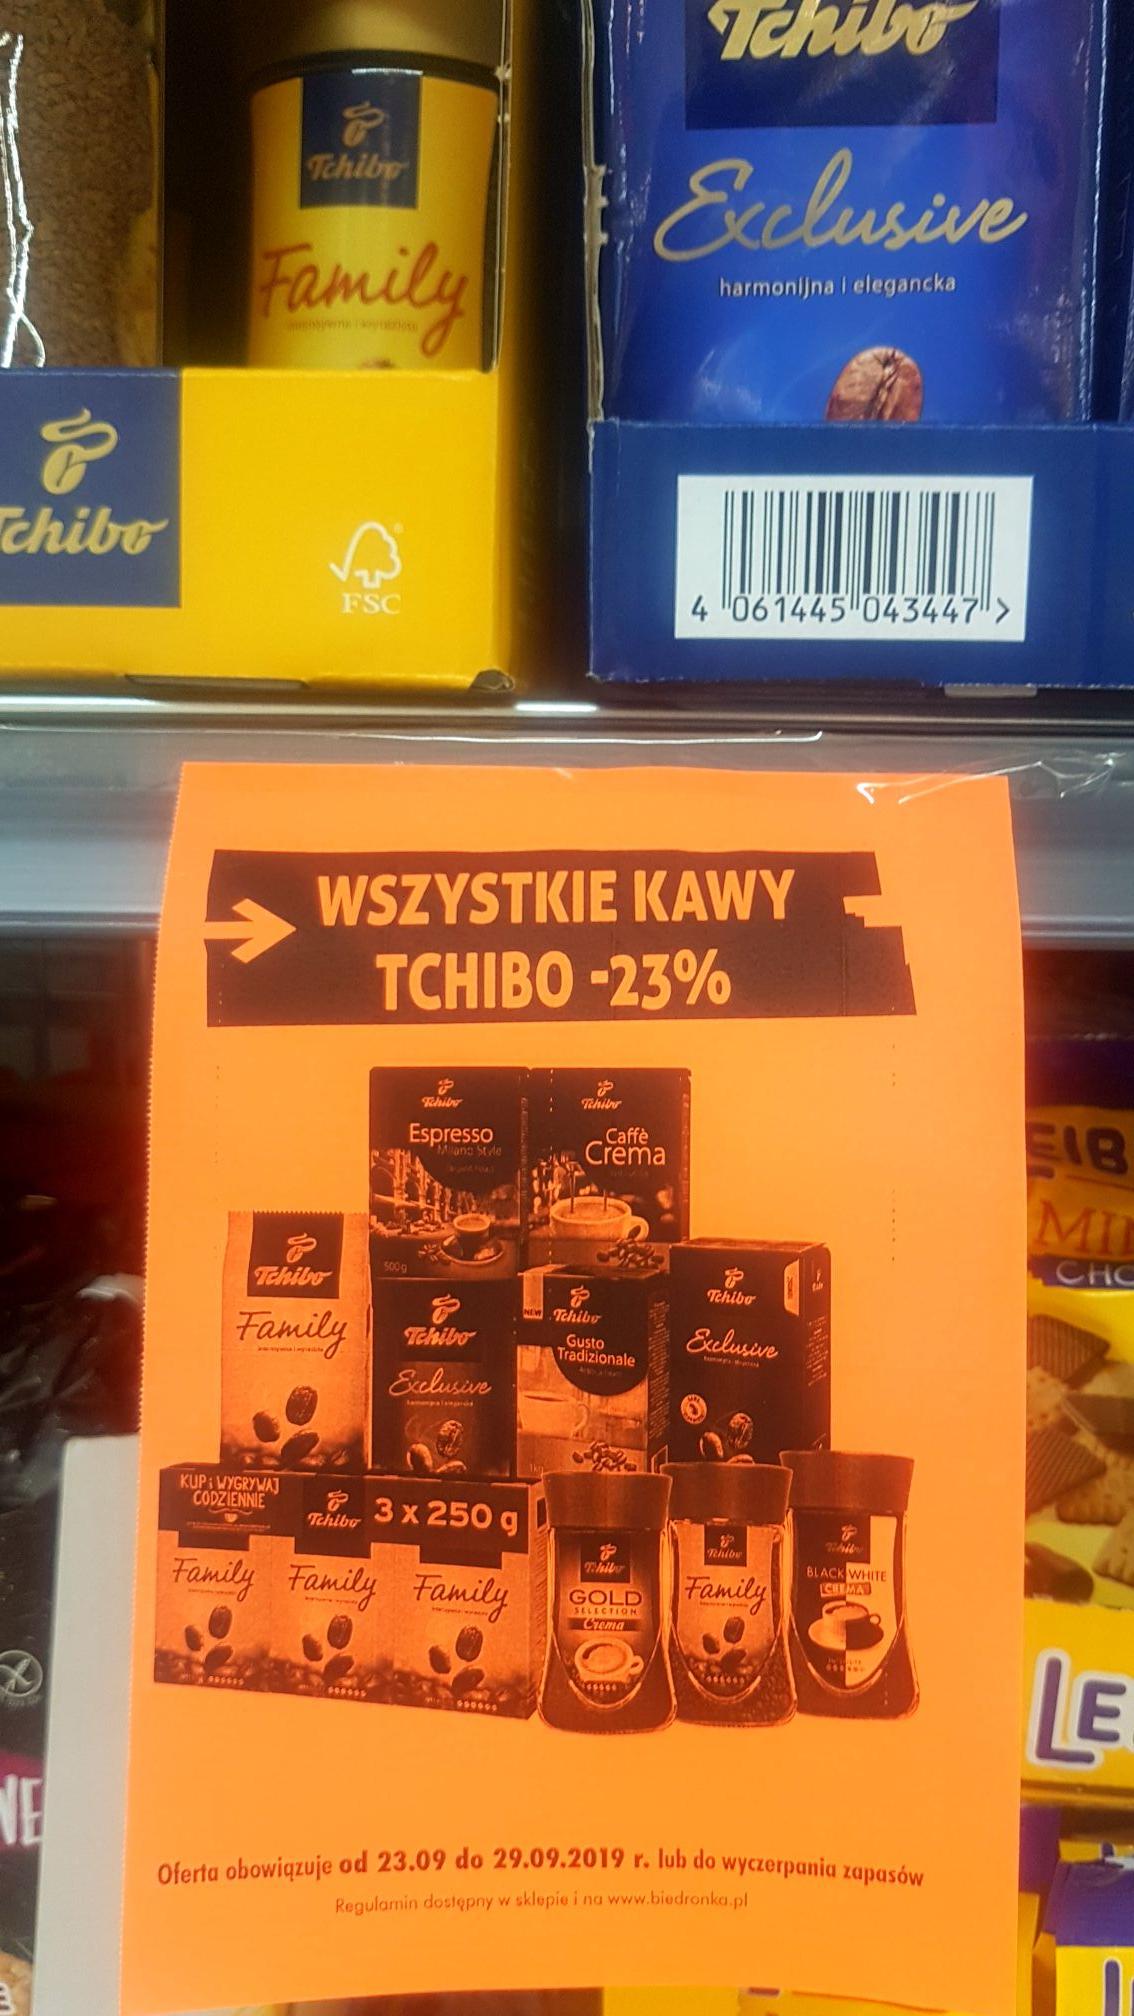 Wszystkie kawy Tchibo - Biedronka -23%